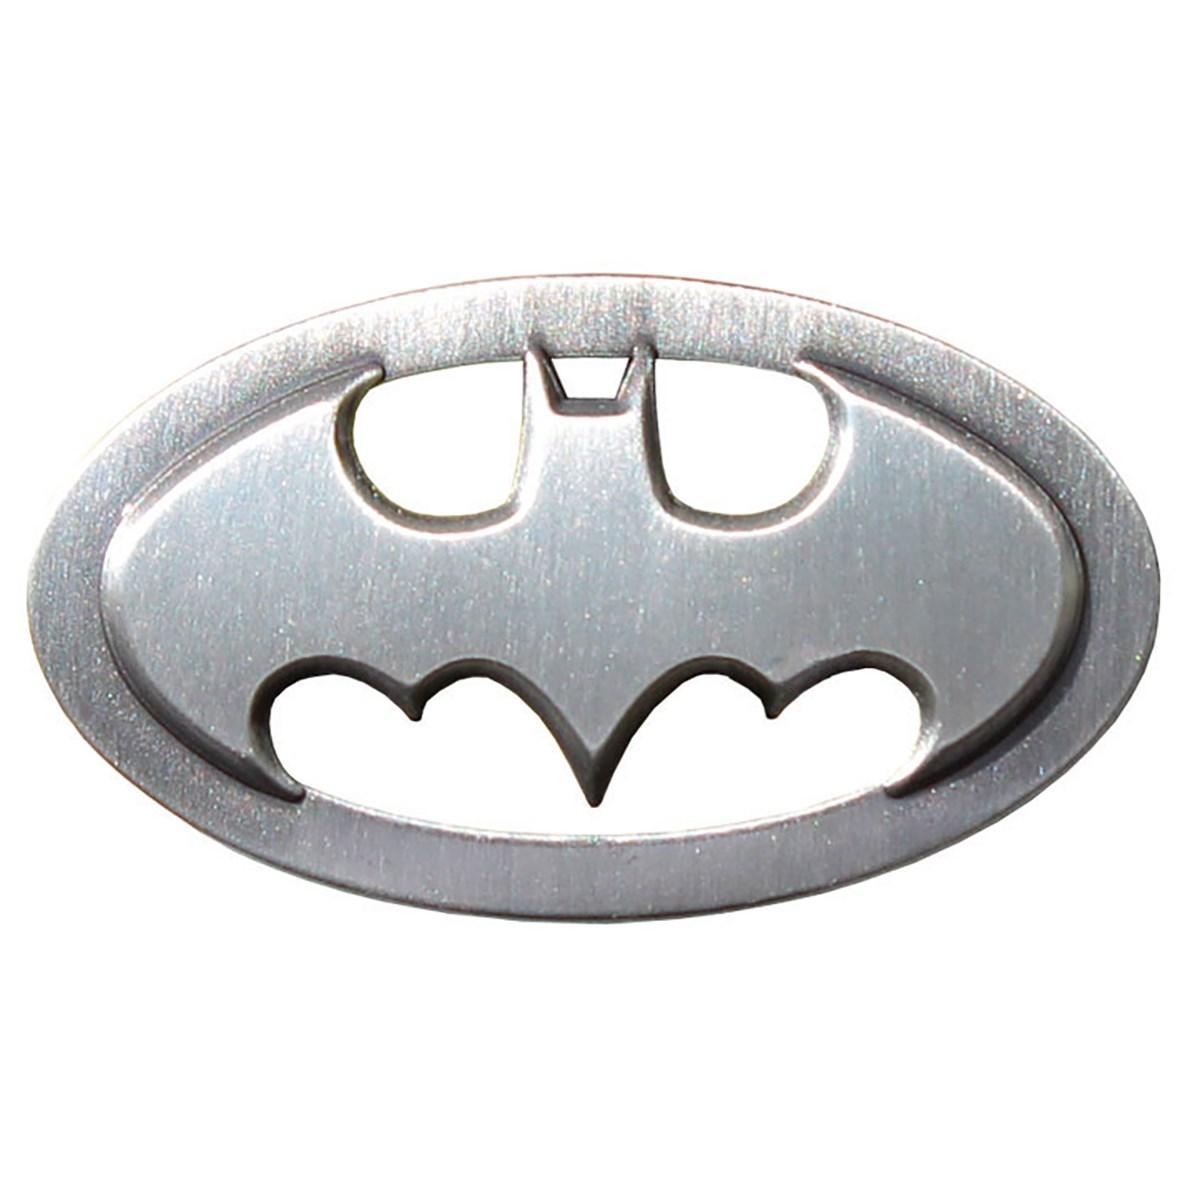 その他メーカー バットマン ビッグマーカー